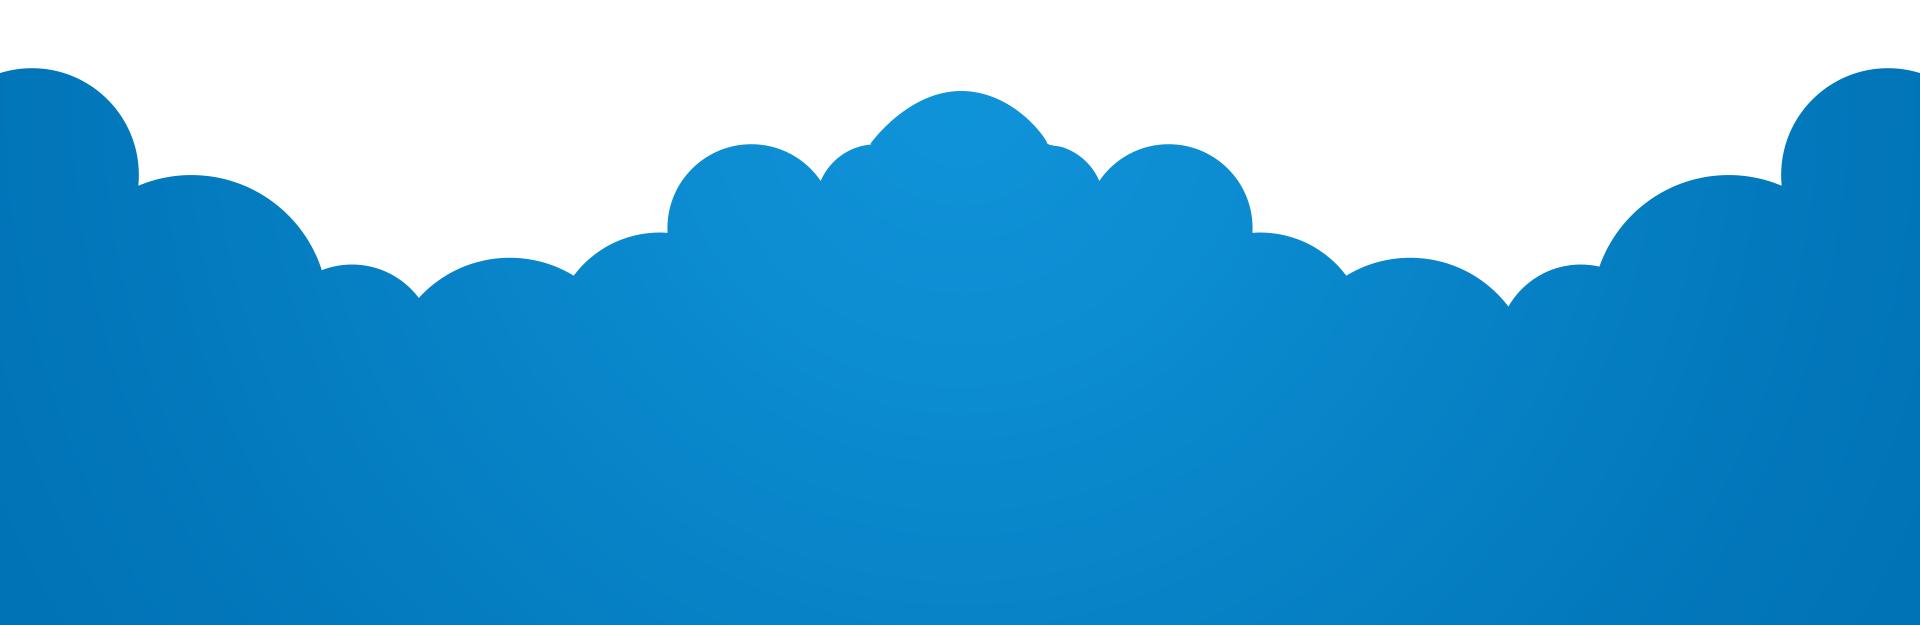 עננים